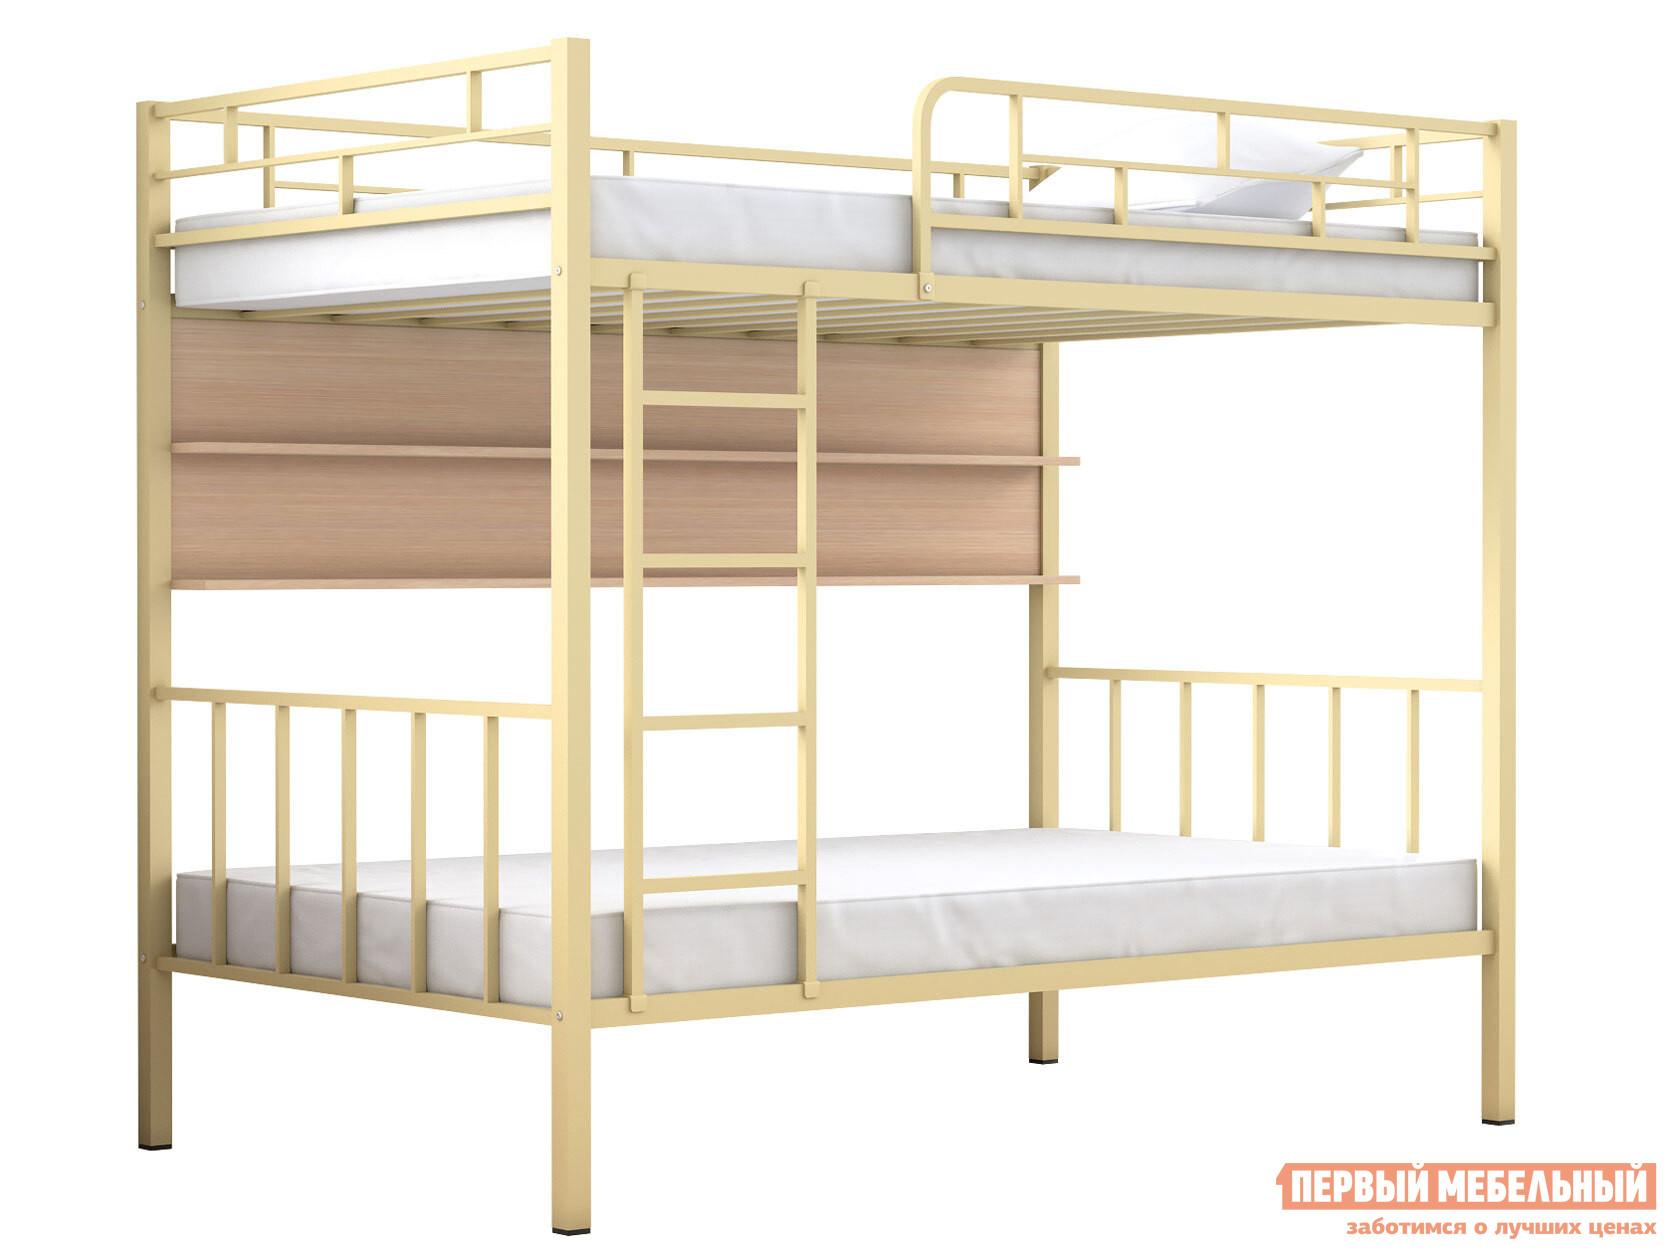 Двухъярусная кровать МФ 4 Сезона Двухъярусная детская кровать Валенсия 120 Полка